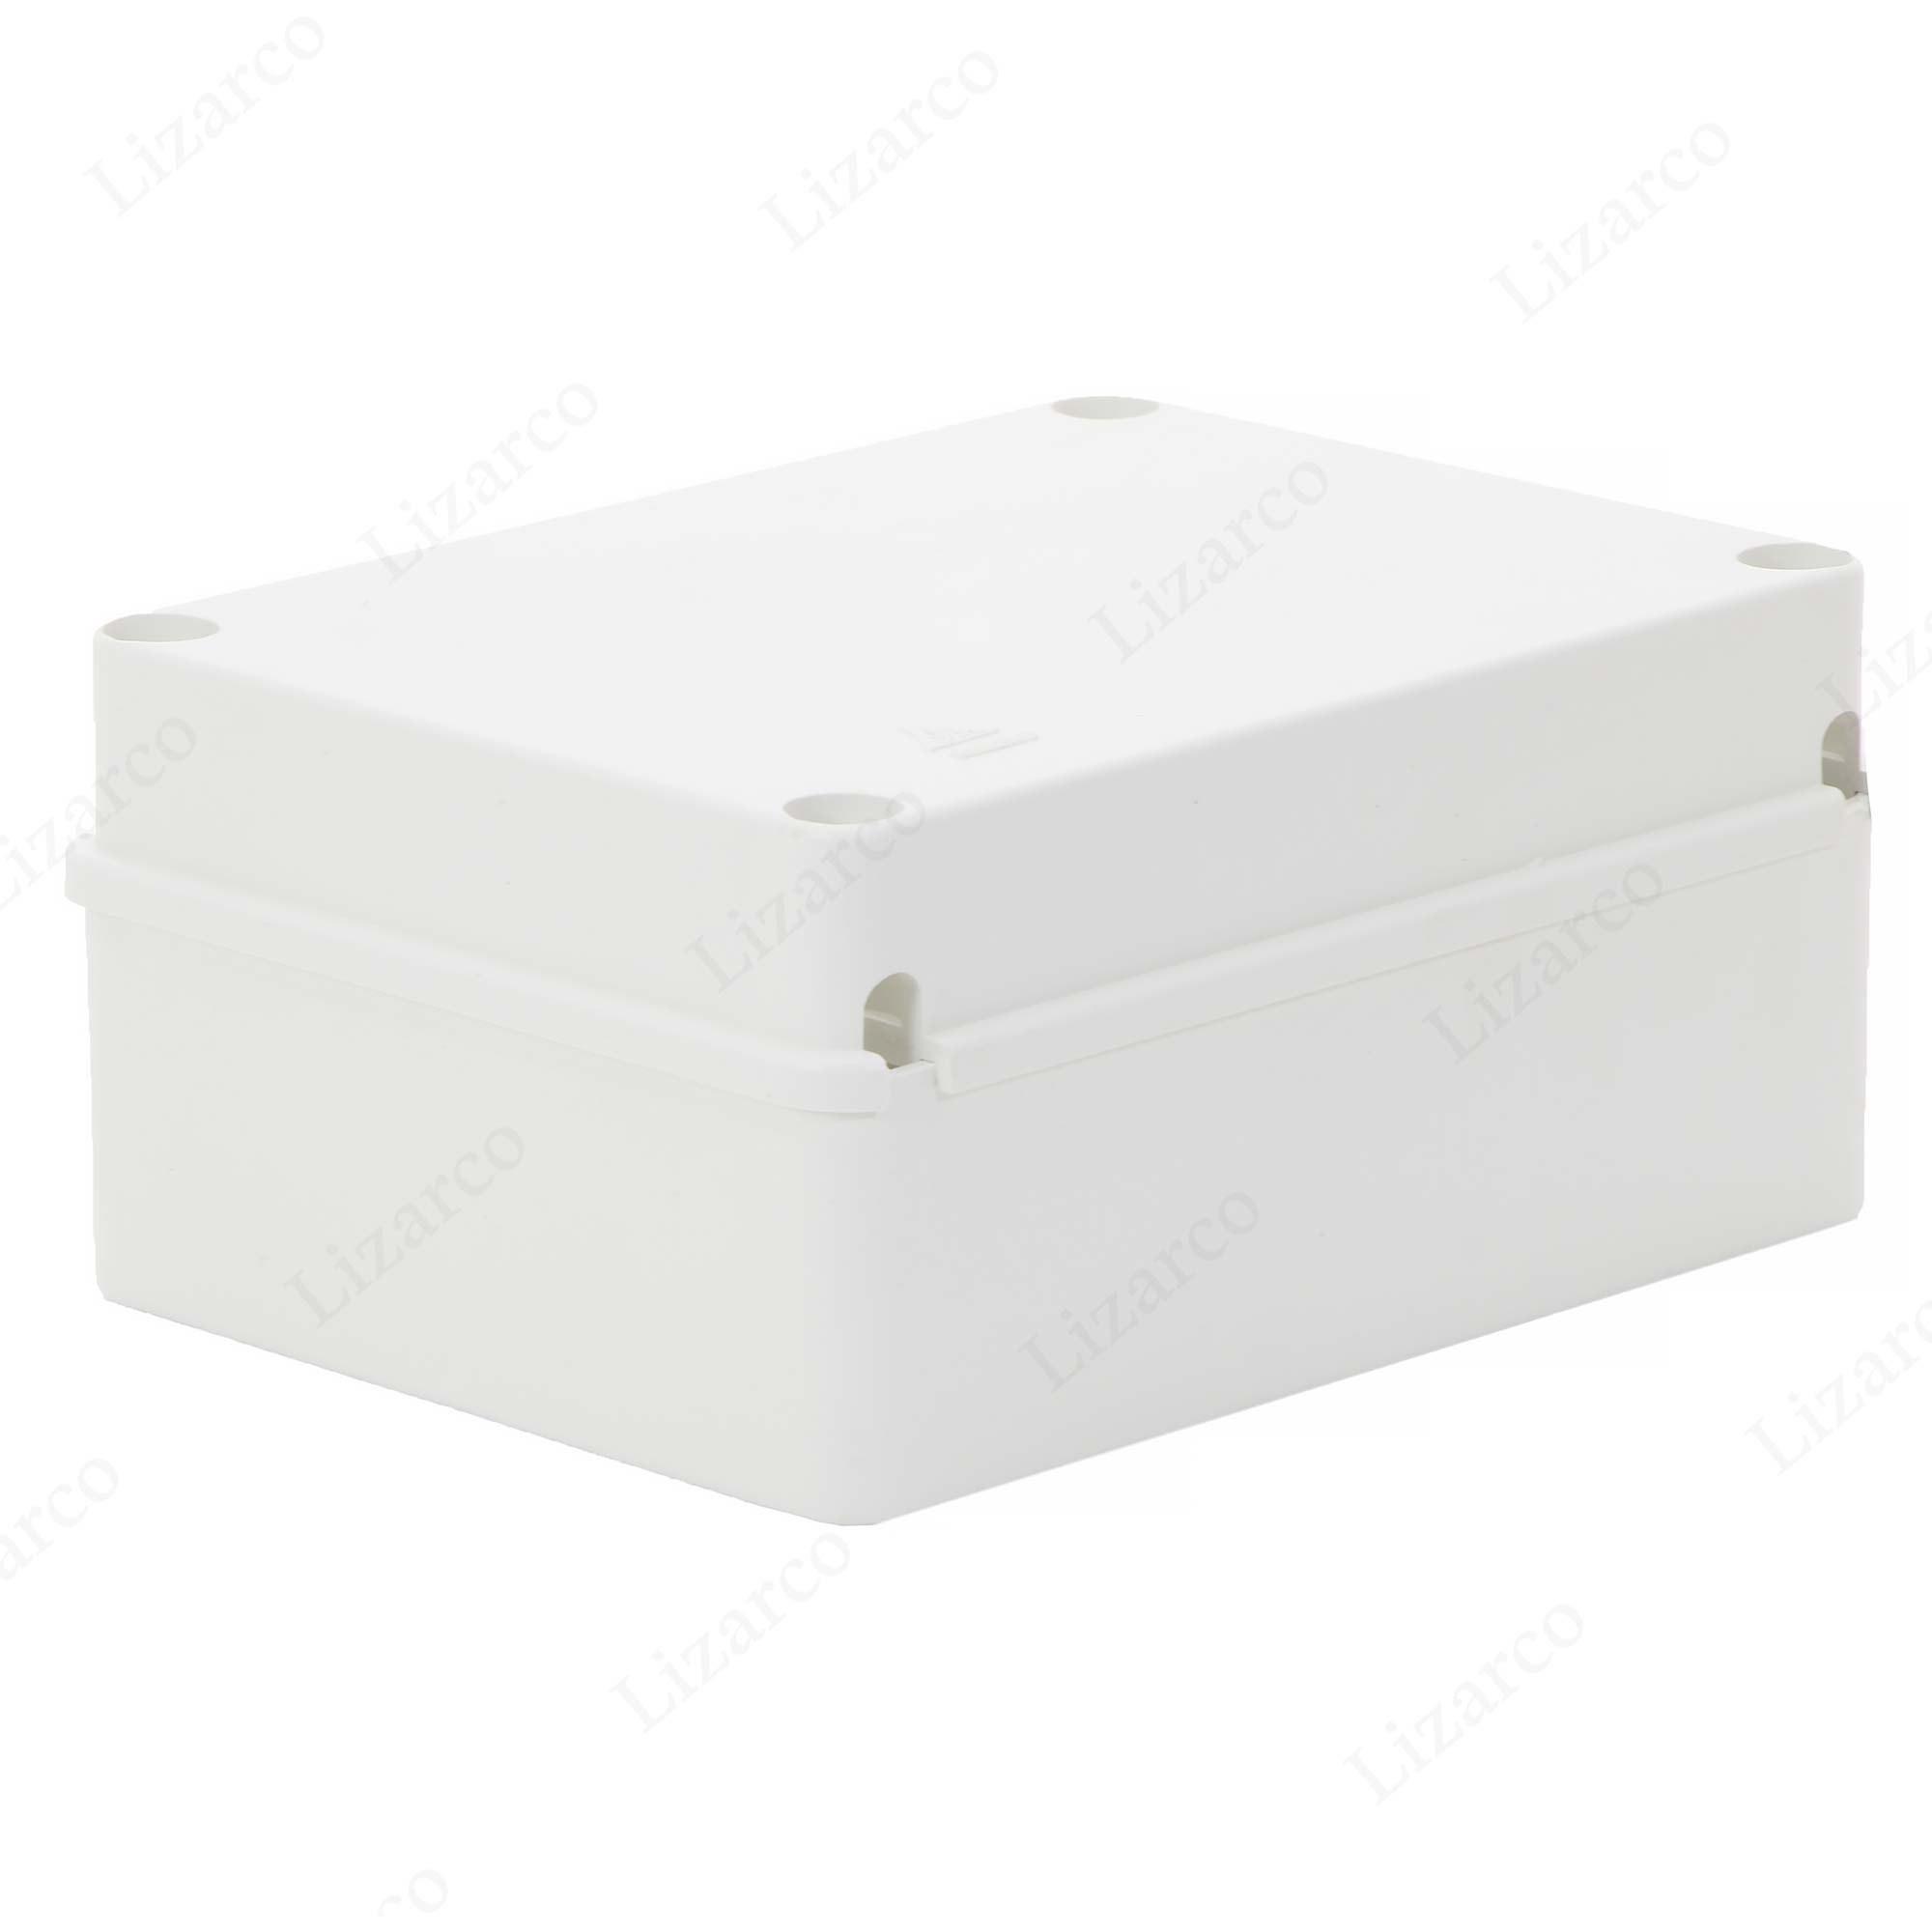 تصویر جعبه تقسیم روکار 15×10  - سهند پلاست